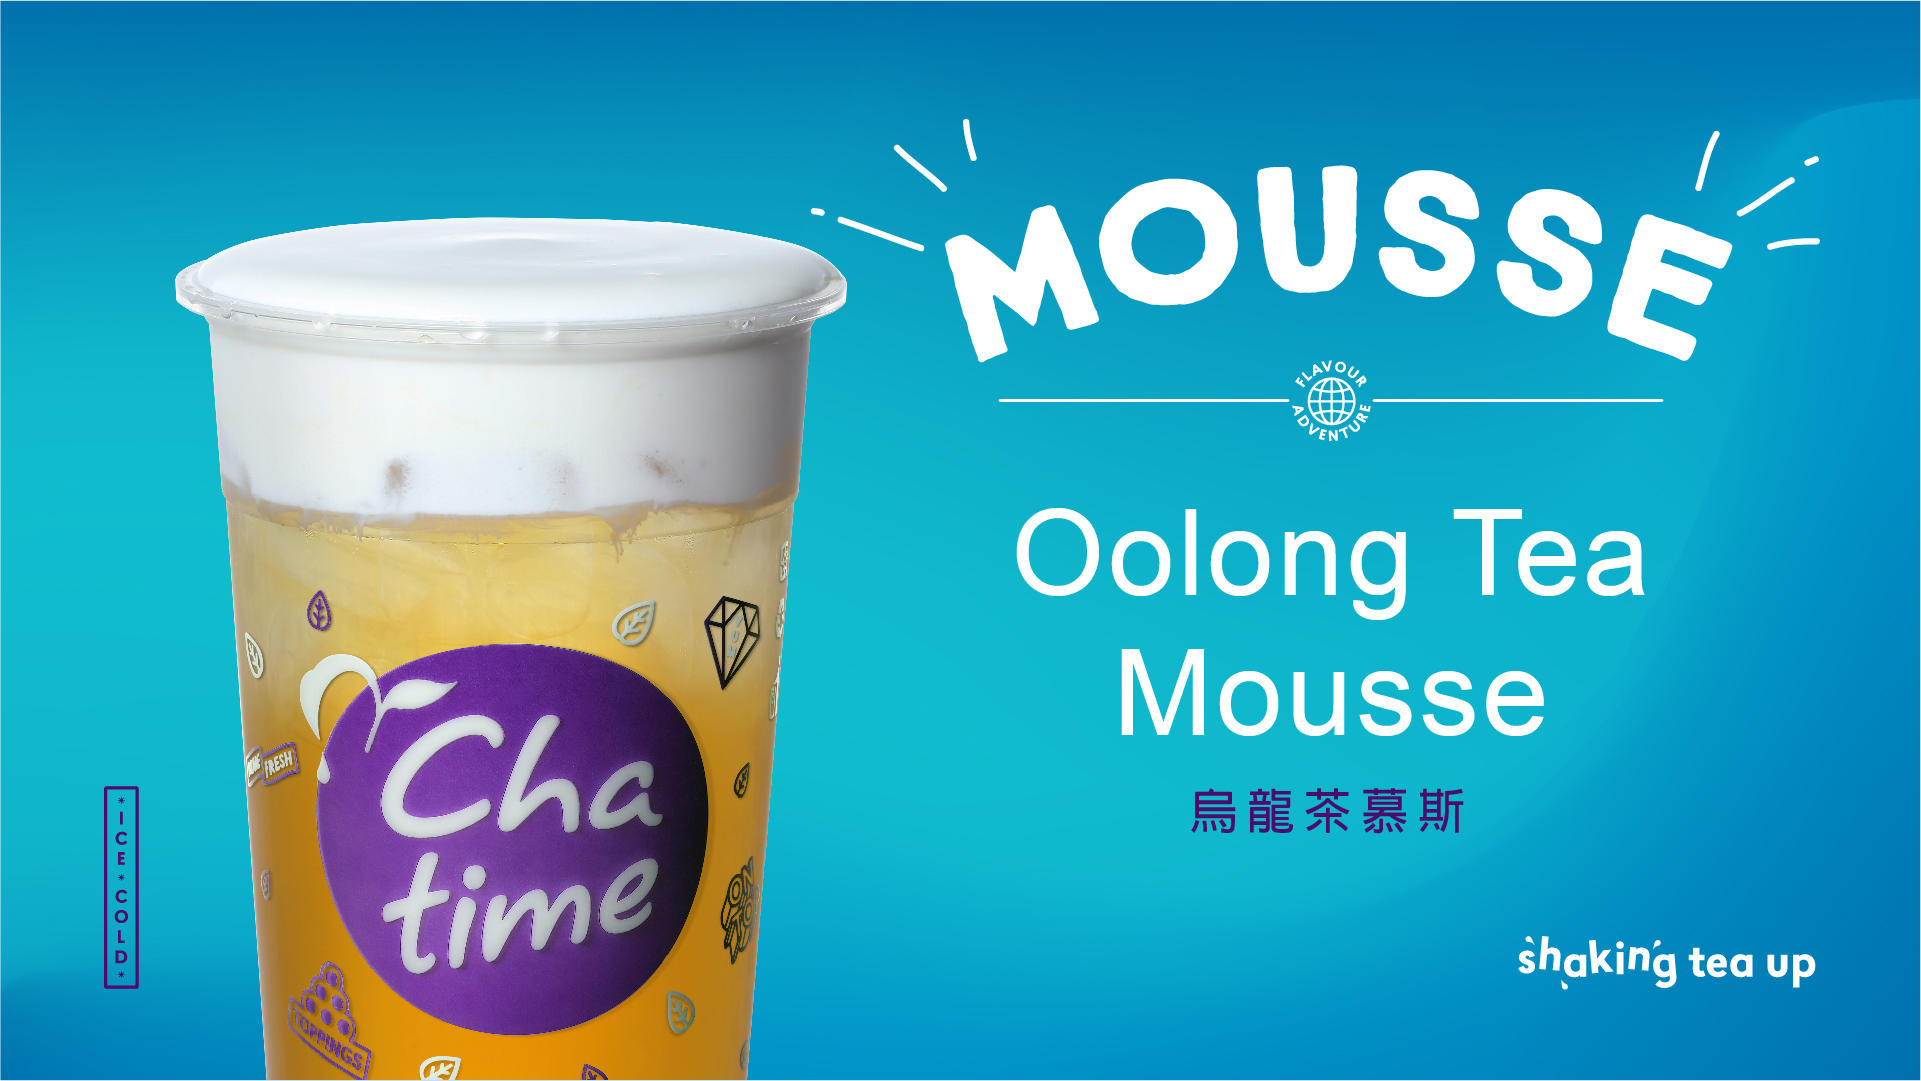 Chatime Bubble Tea & Slurping Noodles image 34